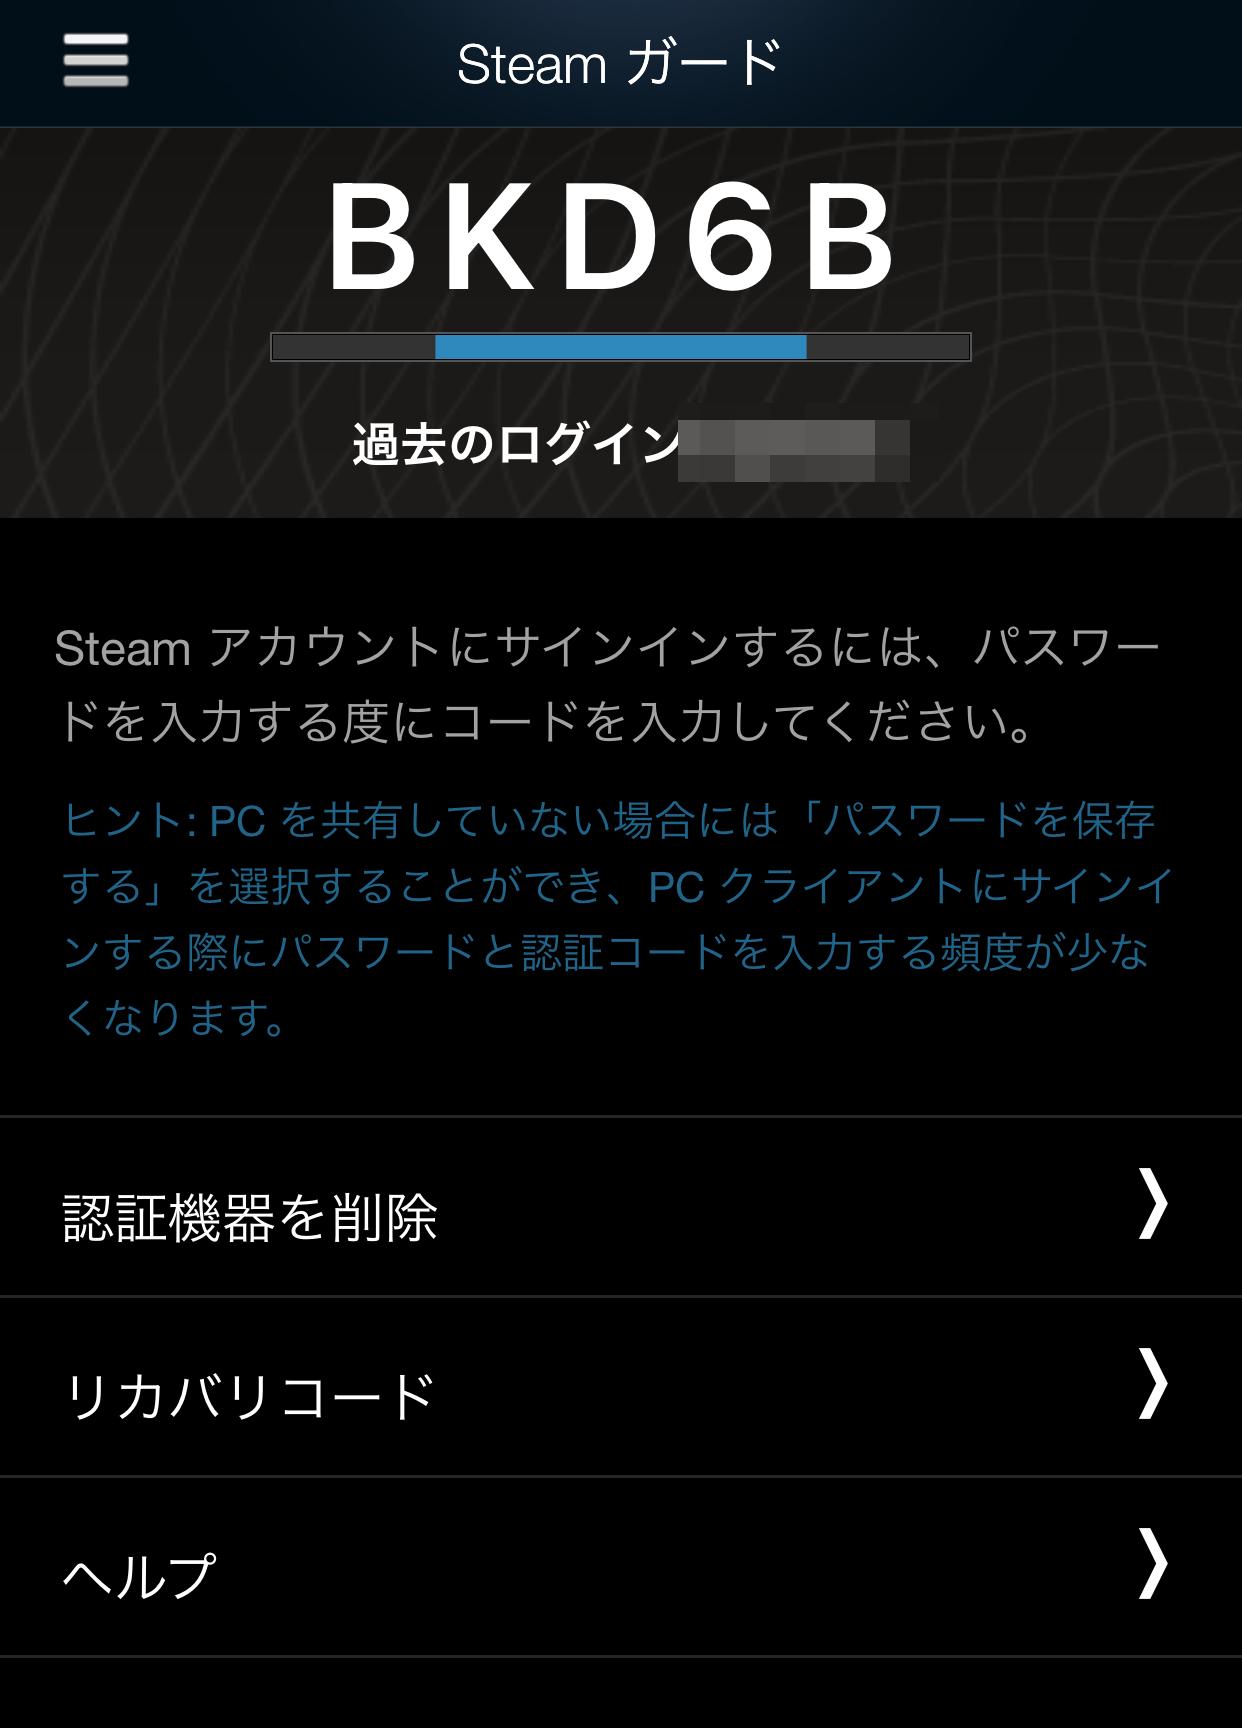 次回以降Steamアカウントへ新規にログインをする場合は、「Steam Mobile」を起動して「Steam ガード」をタップし、そこに表示される文字を入力する形となります。